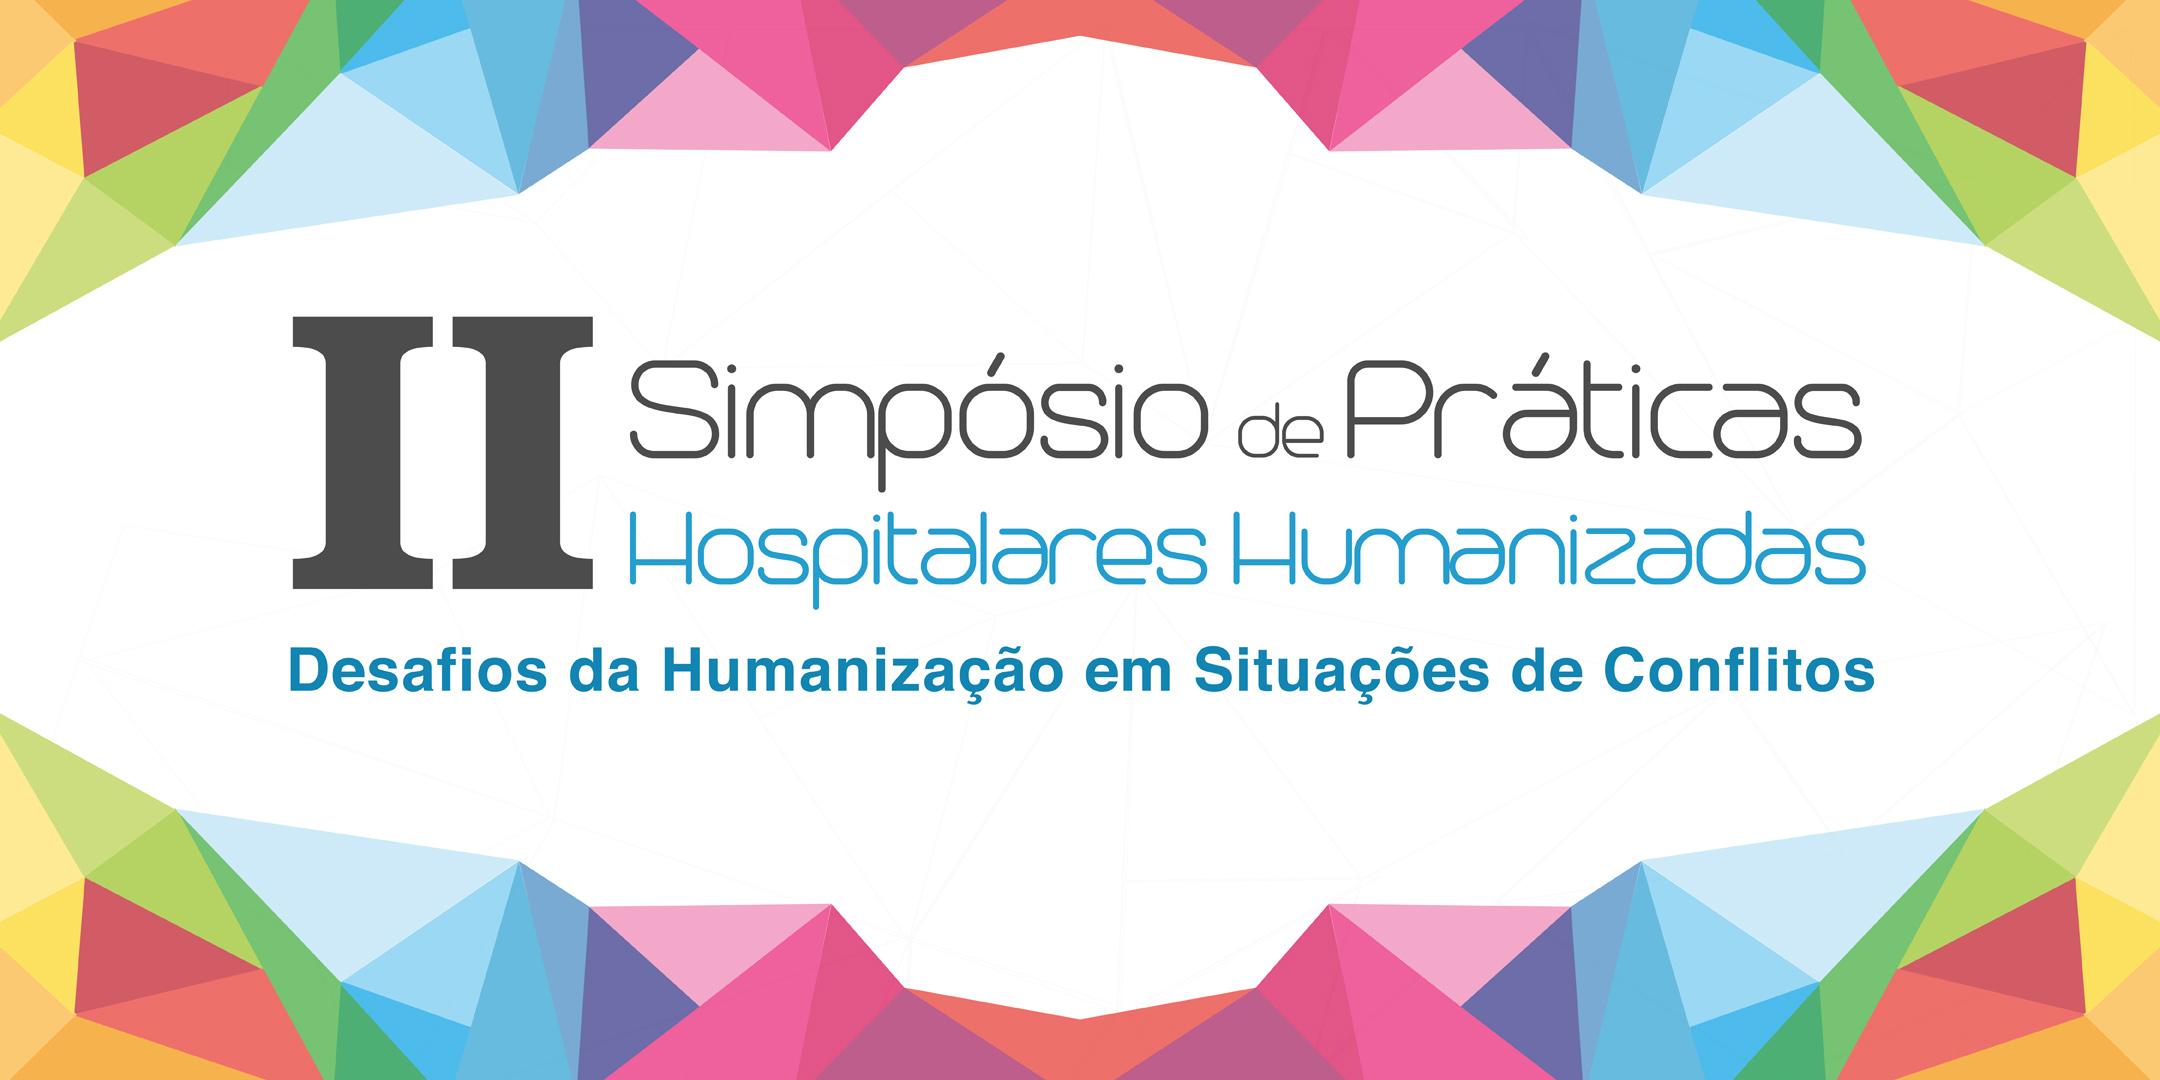 II Simpósio de Práticas Hospitalares Humanizadas do Icesp